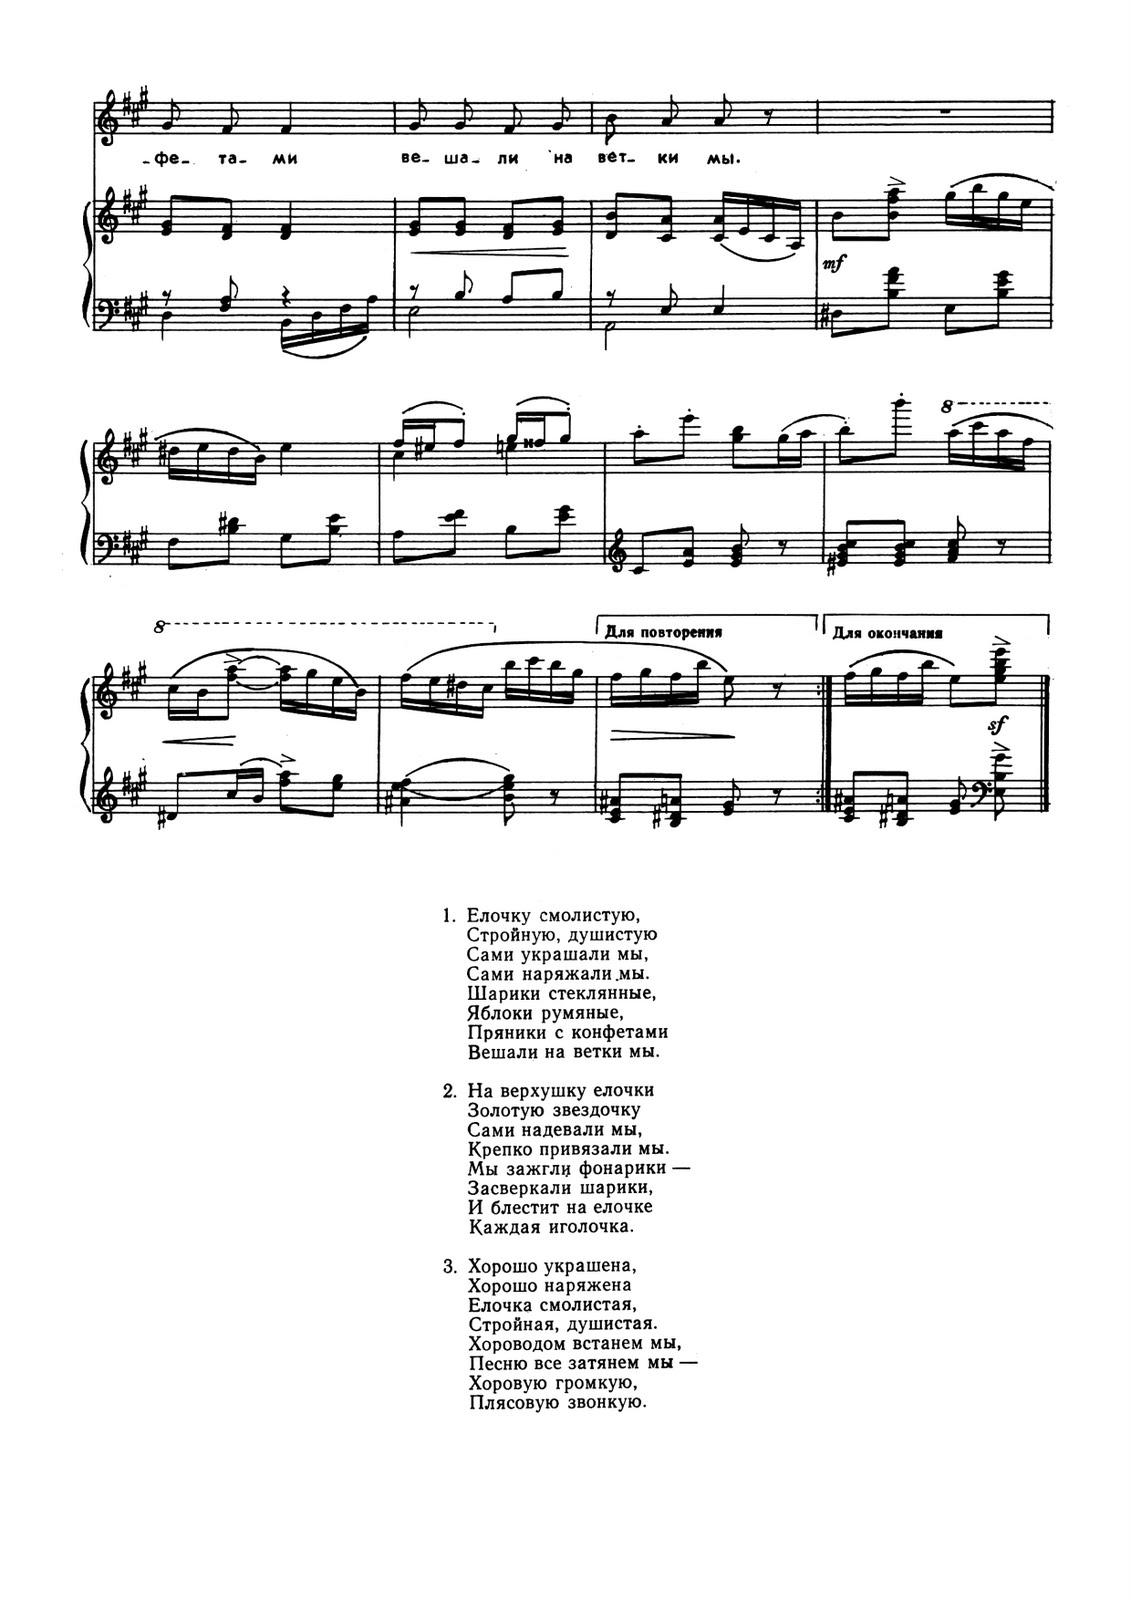 ПЕСНЯ ЕЛОЧКА СТОЯЛА СТРОЙНОЙ ВЫРАСТАЛА ДЛЯ ДЕТЕЙ СКАЧАТЬ БЕСПЛАТНО